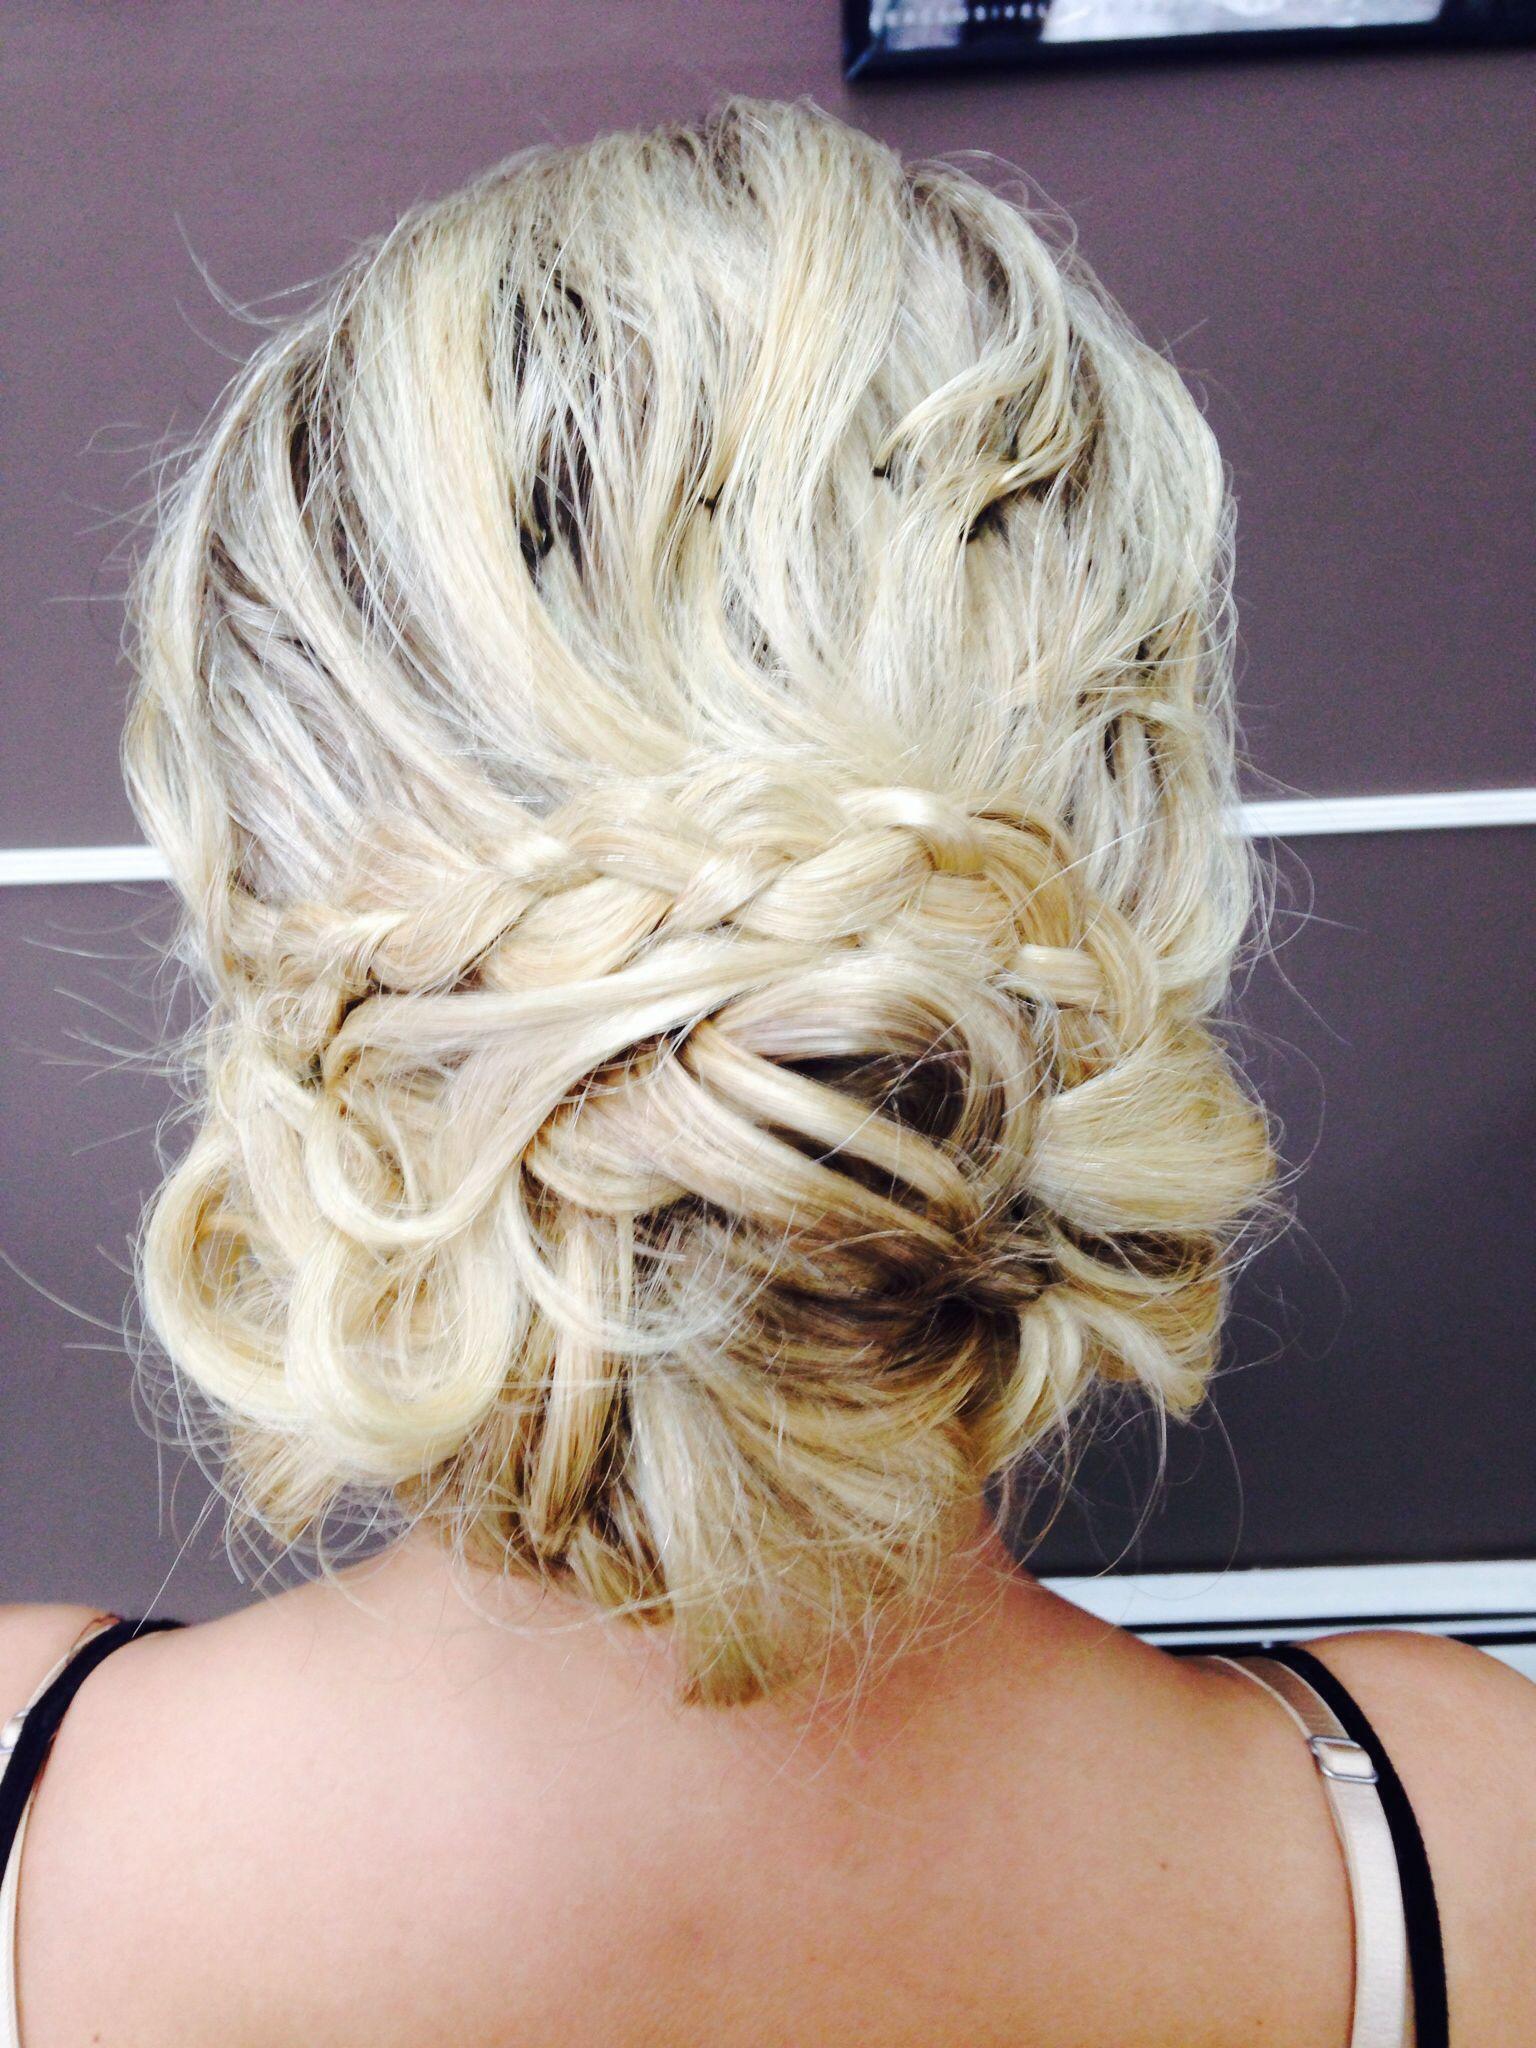 My hair for prom -Sarah